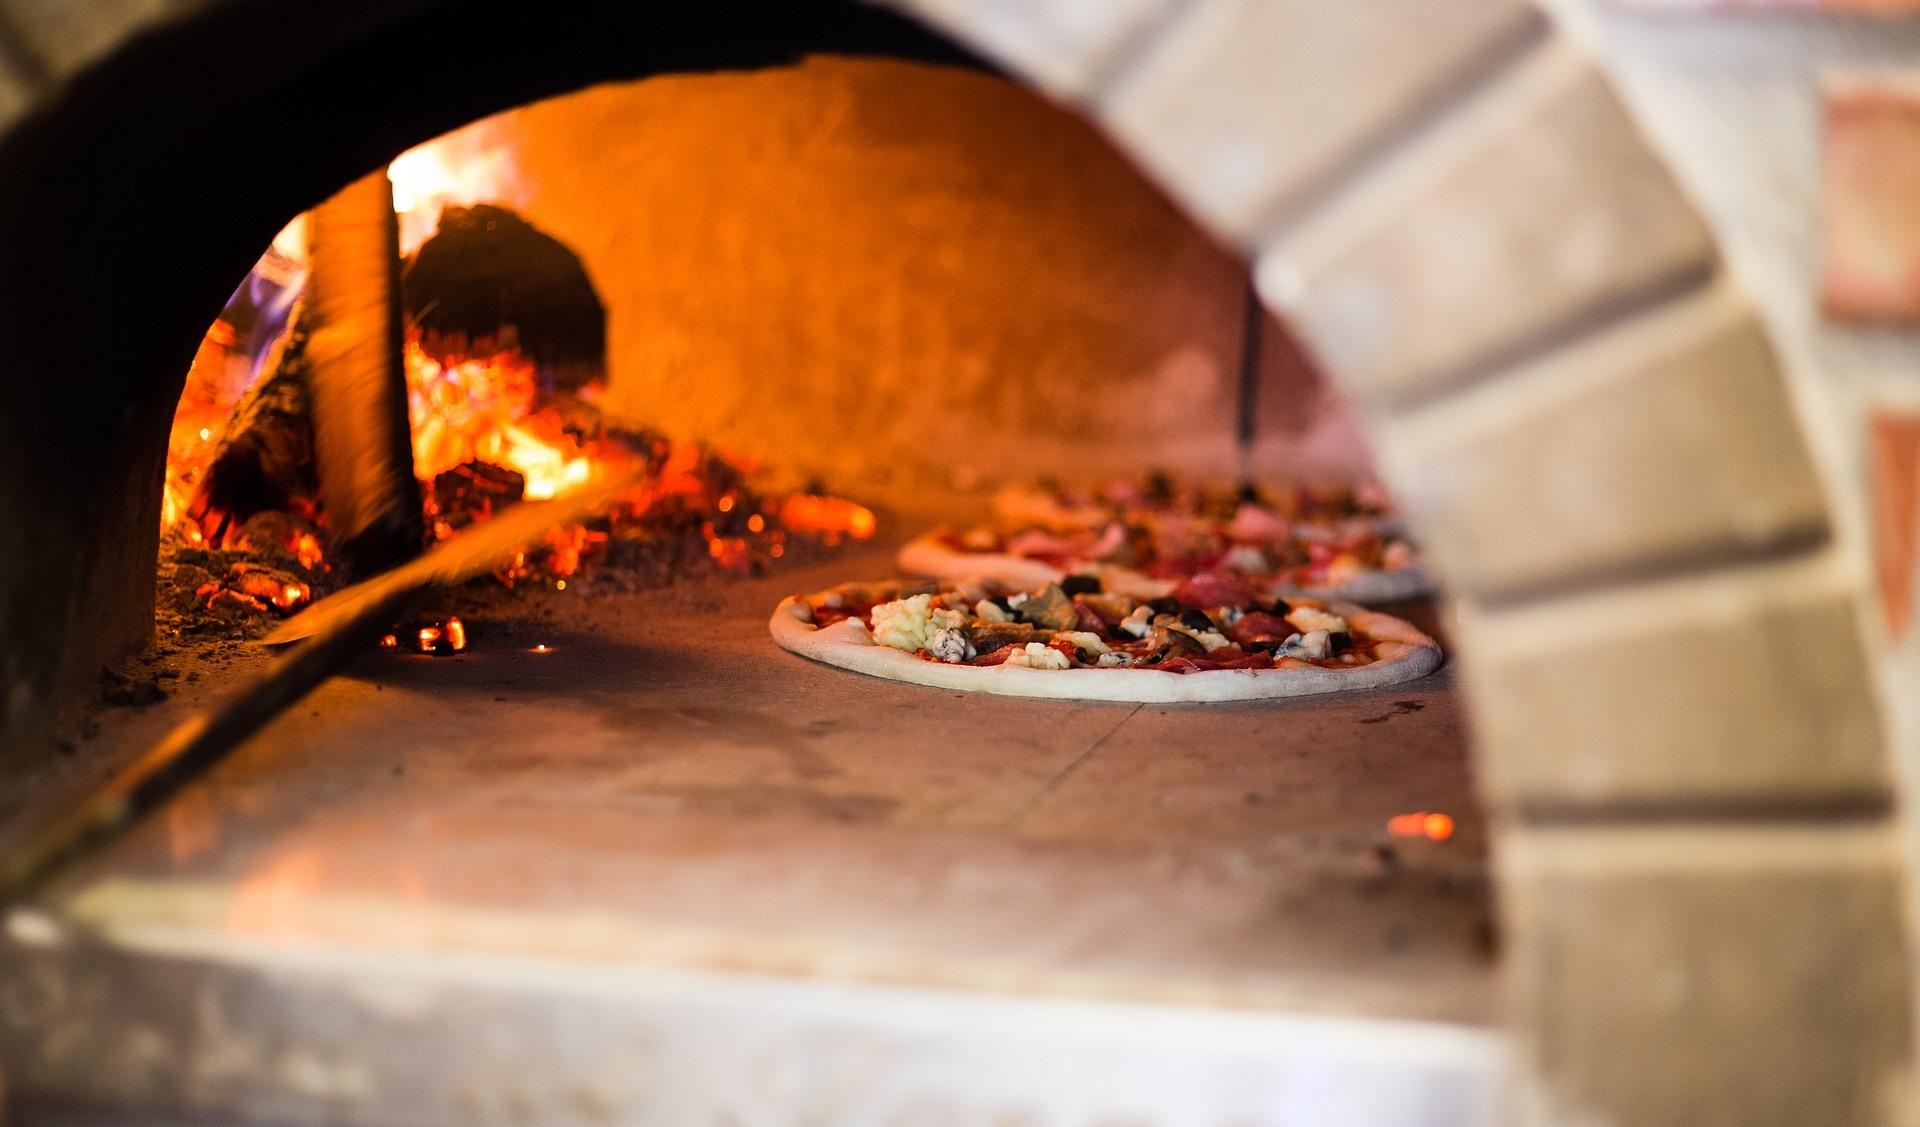 Pizzaofen Bausatz: Test & Empfehlungen (04/20)